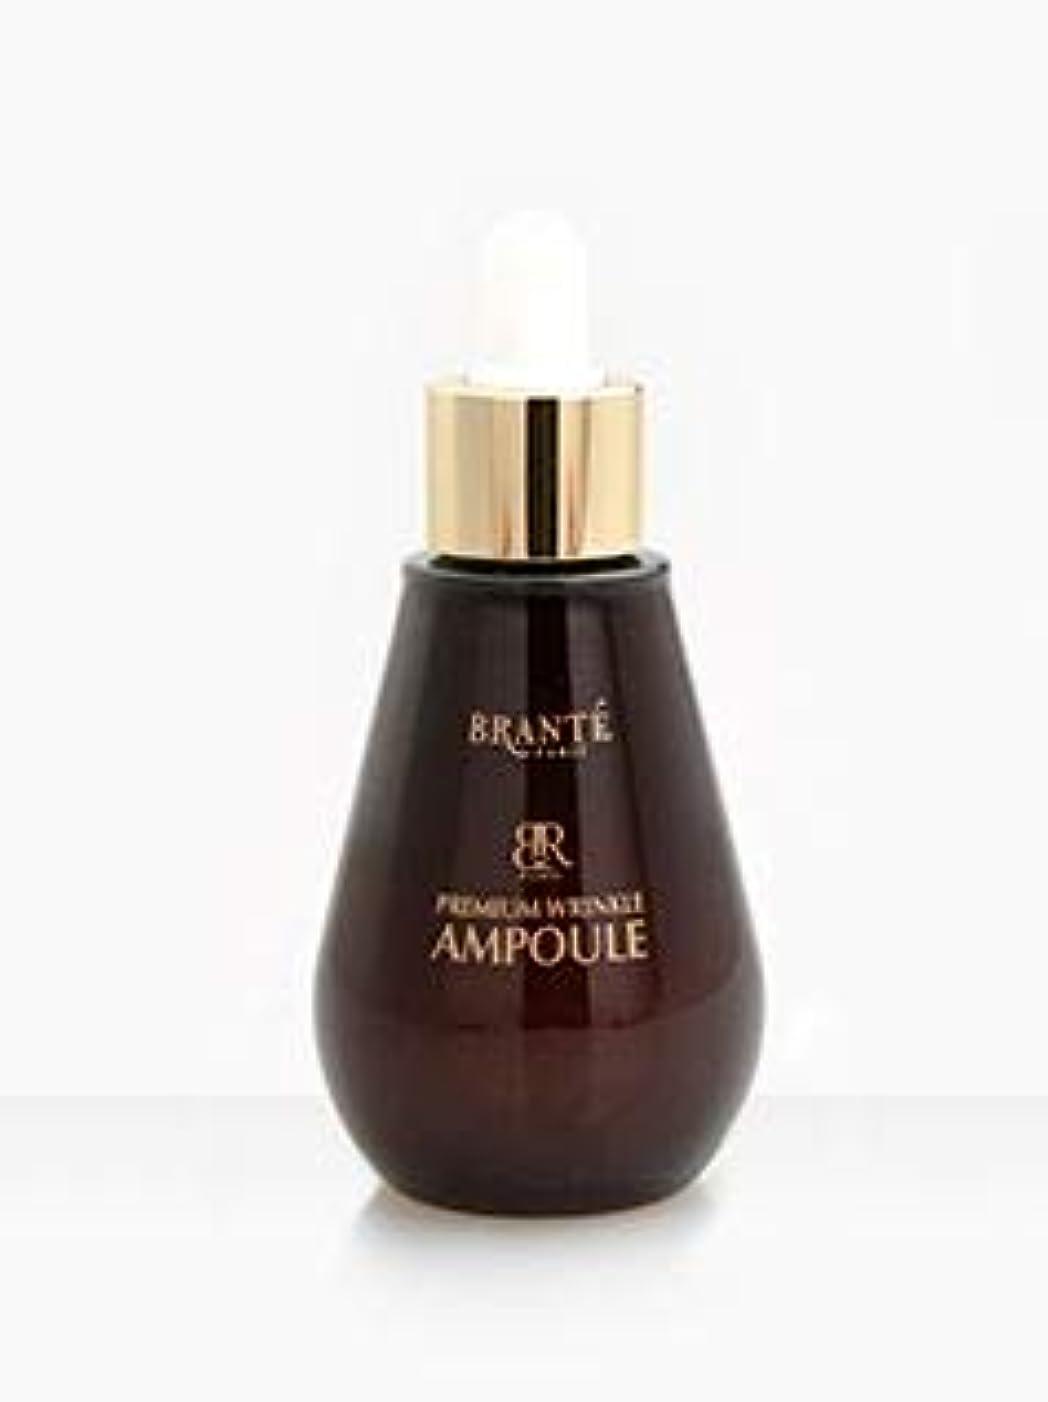 悲しむ拾うリブ[BRANTE] Premium Wrinkle Ampoule 50ml / [BRANTE]プレミアムリンクルアンプル50ml [並行輸入品]